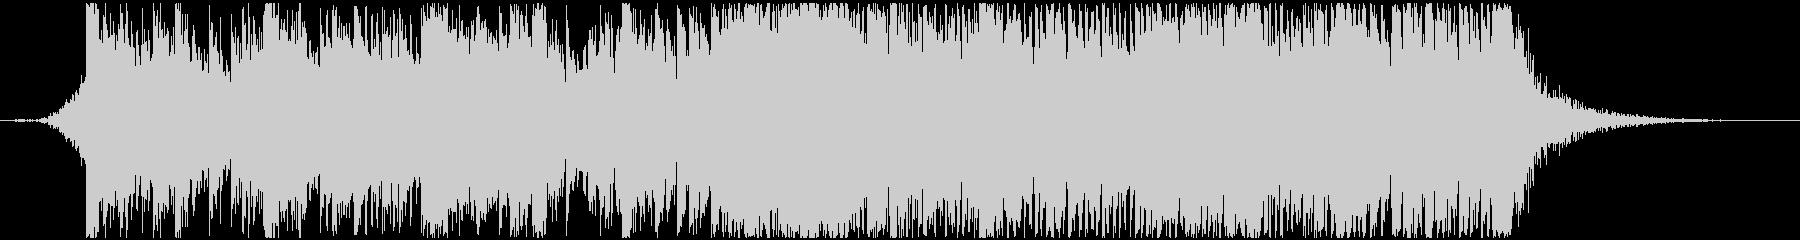 SAMURAI Spritの未再生の波形